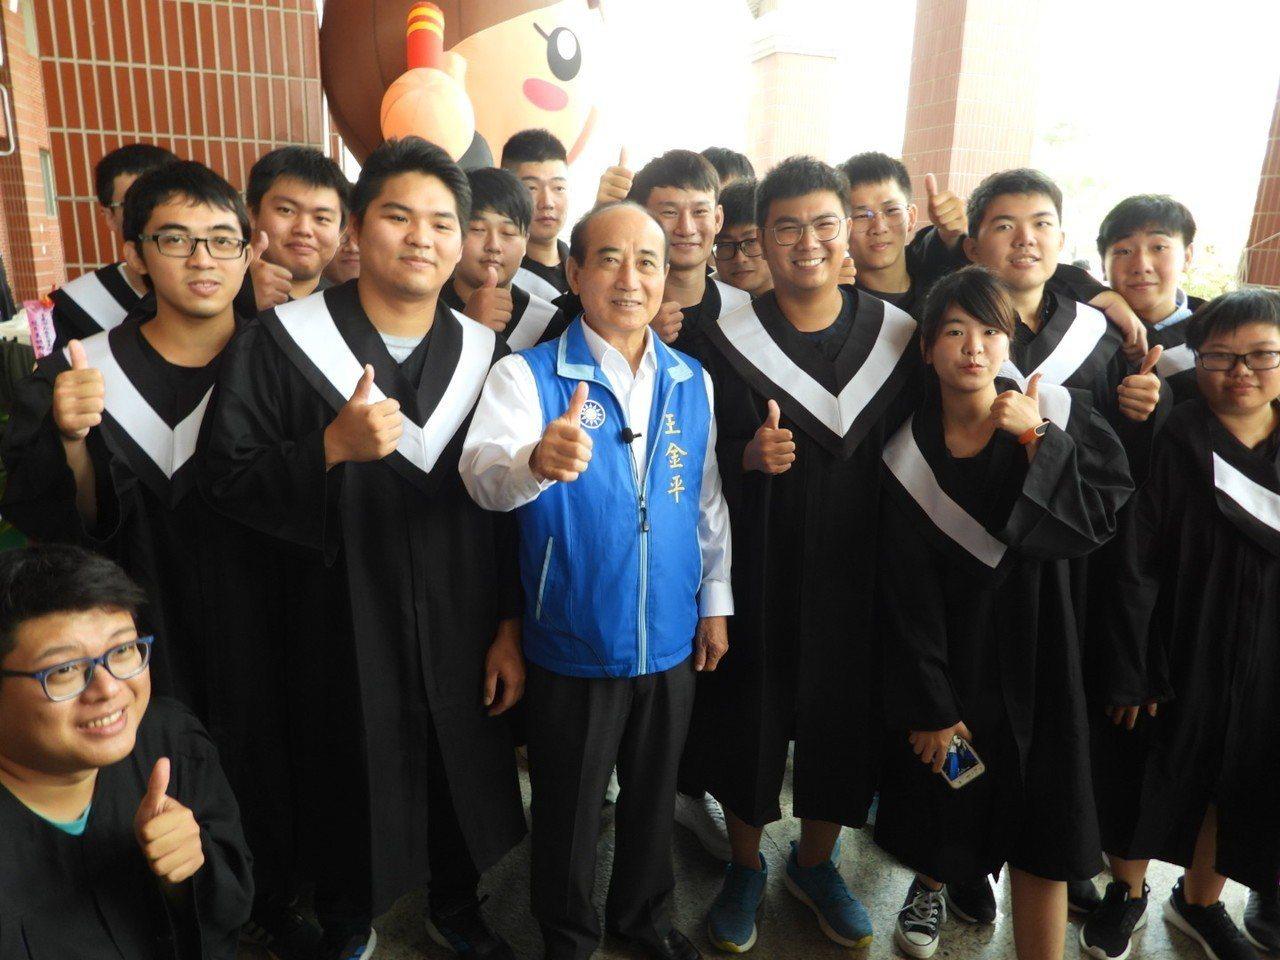 王金平參加遠東科大畢業典禮,他年年參加,很受學生歡迎。 圖/聯合報系資料照片